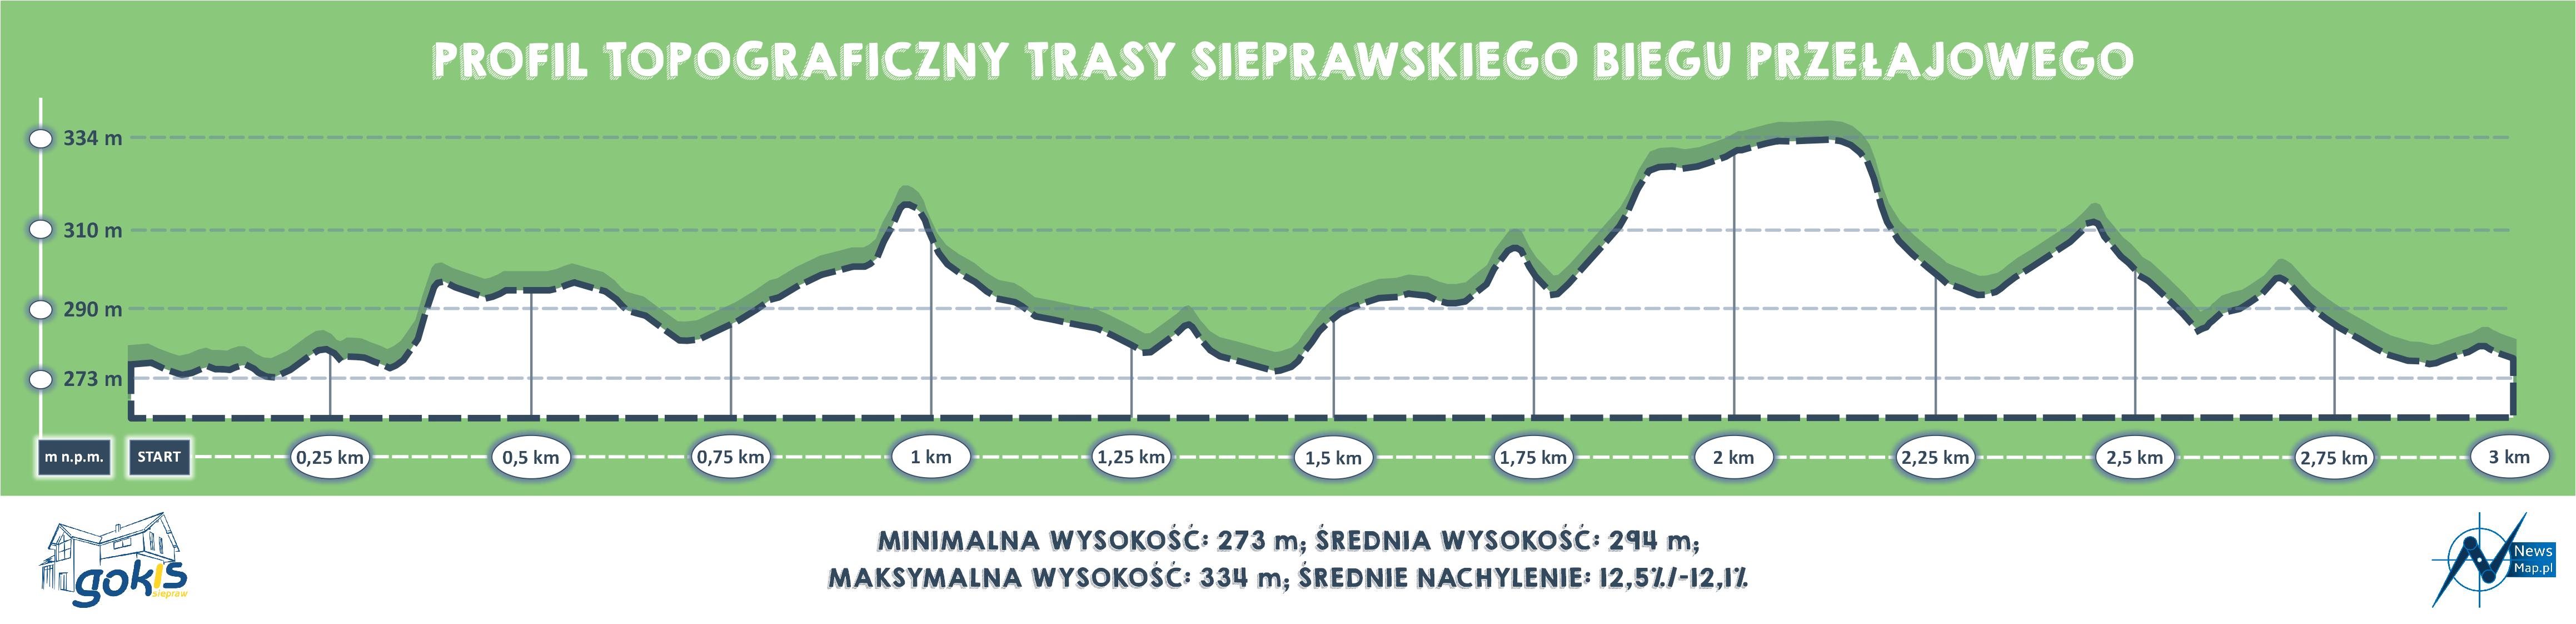 Sieprawski Bieg Przełajowy - profil topograficzny